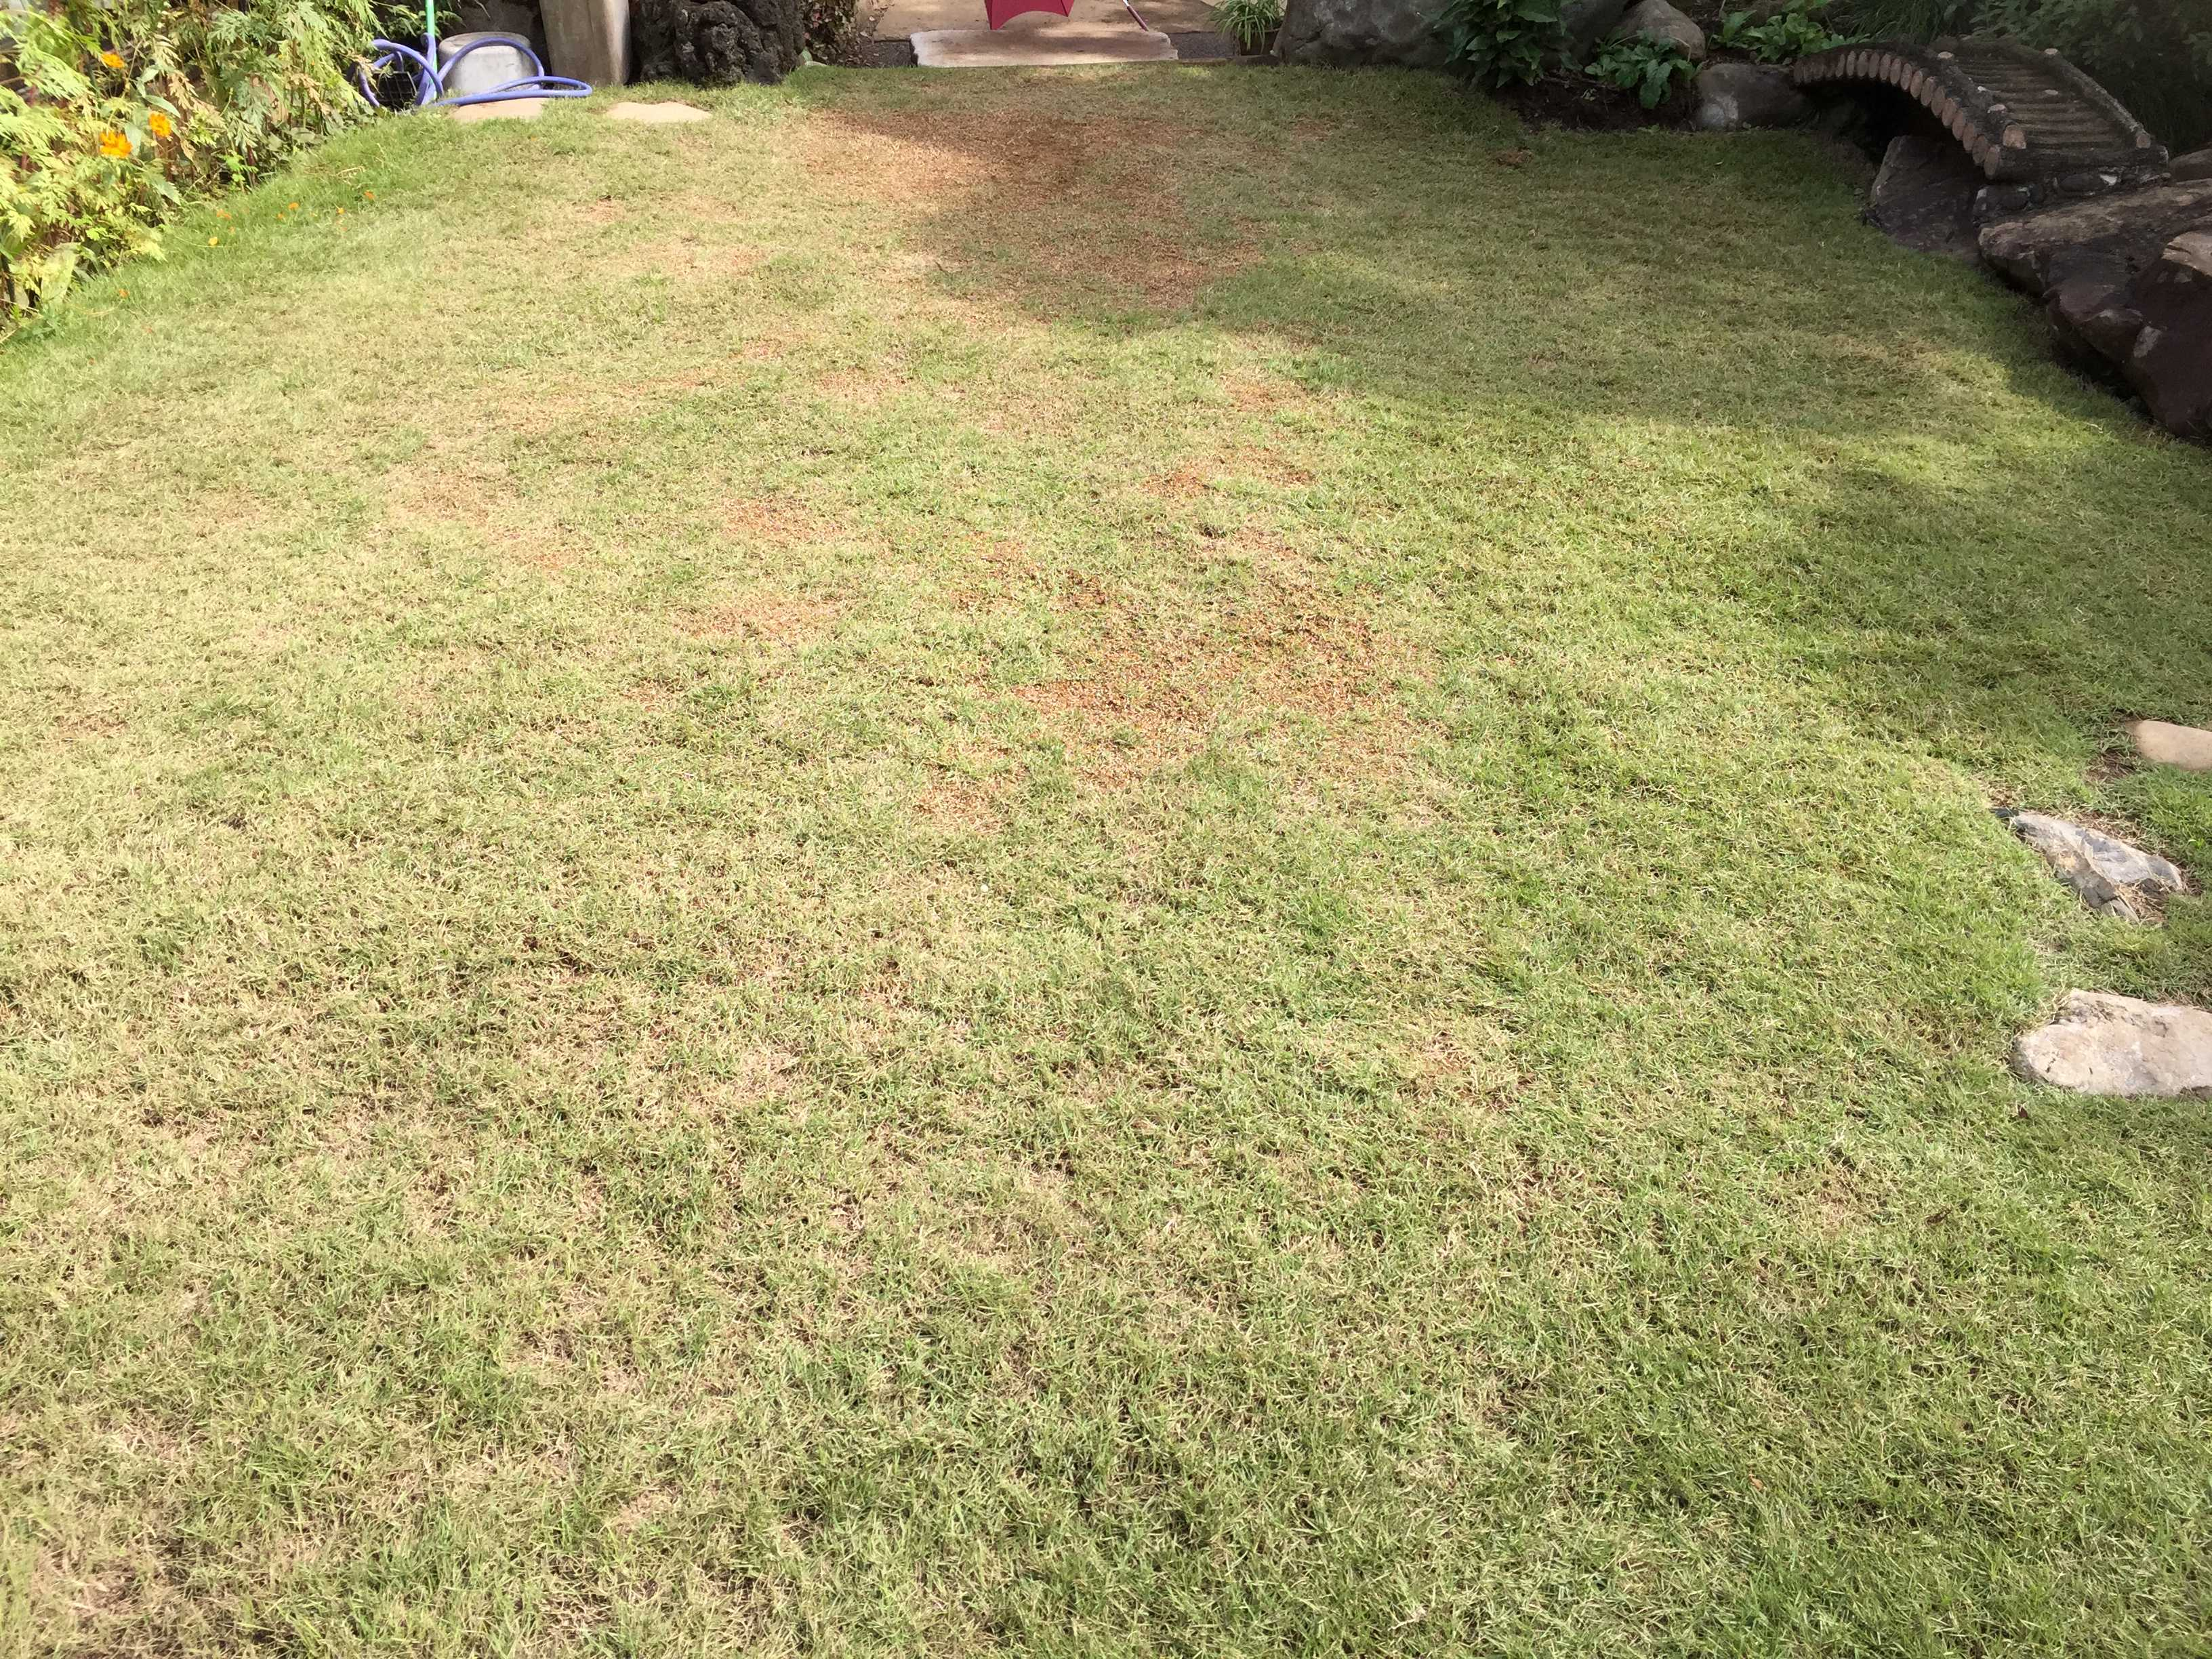 TM9 - 貼り付け後 4ヶ月。茶色くなった芝生・TM9(ティーエムナイン)